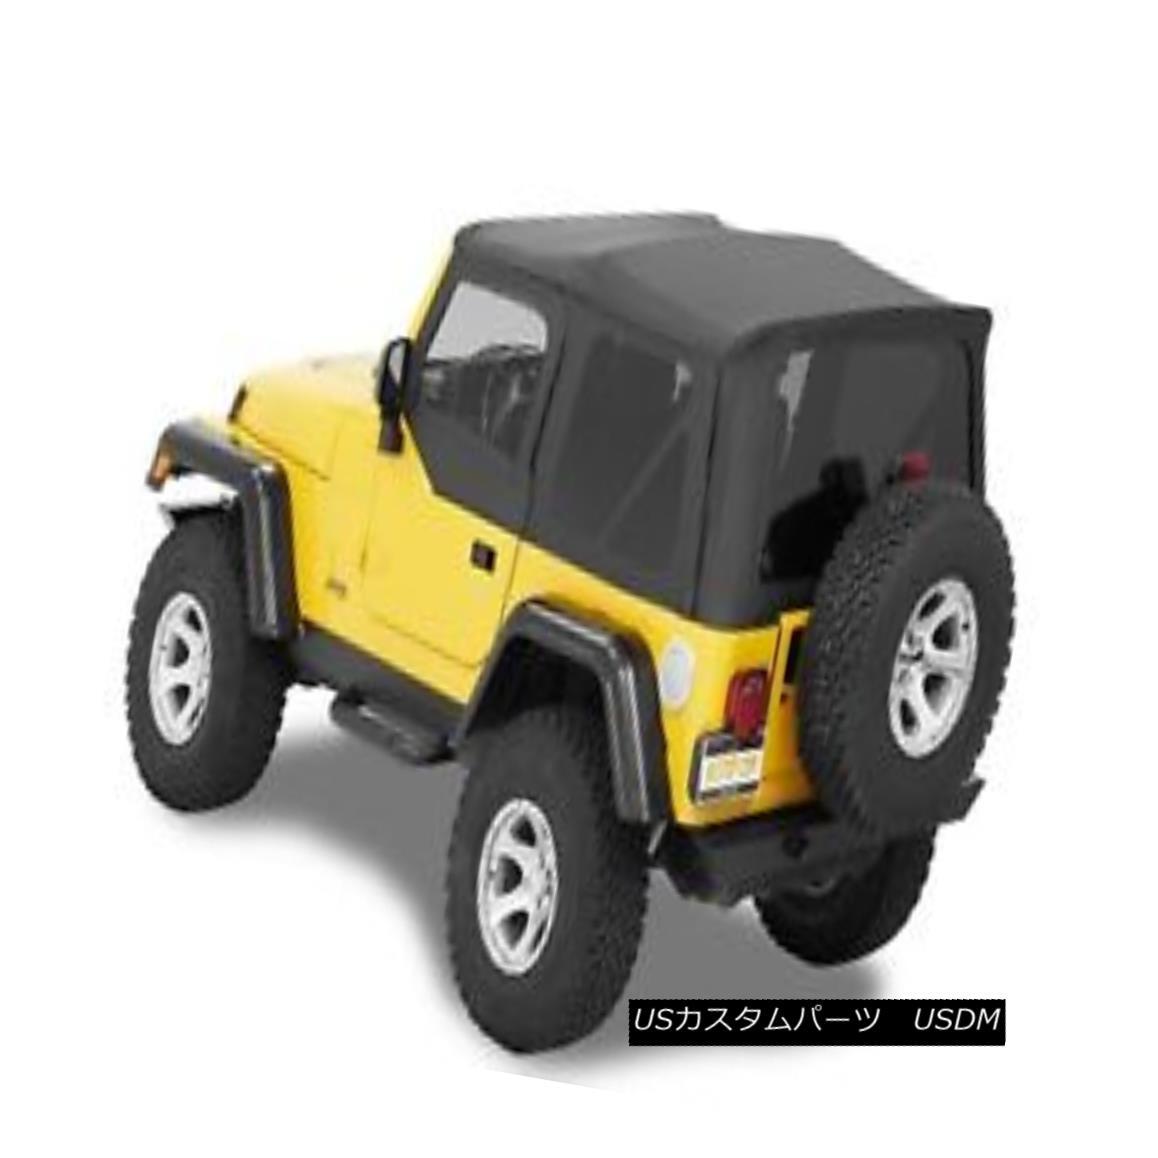 幌・ソフトトップ Bestop 54720-15 Jeep Supertop NX Complete Replacement Soft Top Black Denim Bestop 54720-15ジップスーパートップNX完全交換ソフトトップブラックデニム